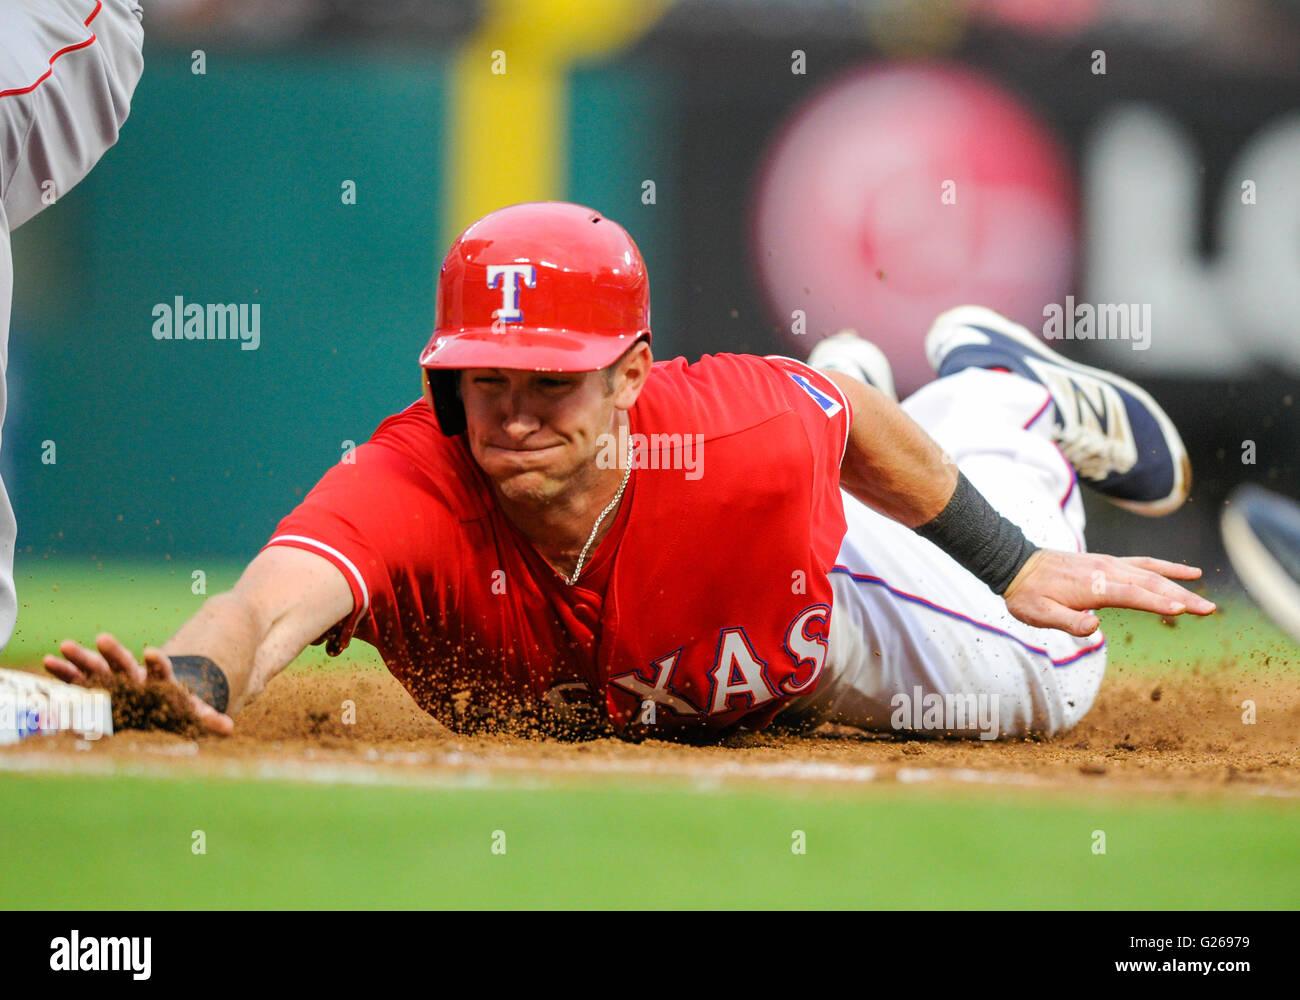 Arlington, Texas, EE.UU. El 24 de mayo, 2016. Los Texas Rangers outfielder Jared Hoying #36 inmersiones volver a Imagen De Stock